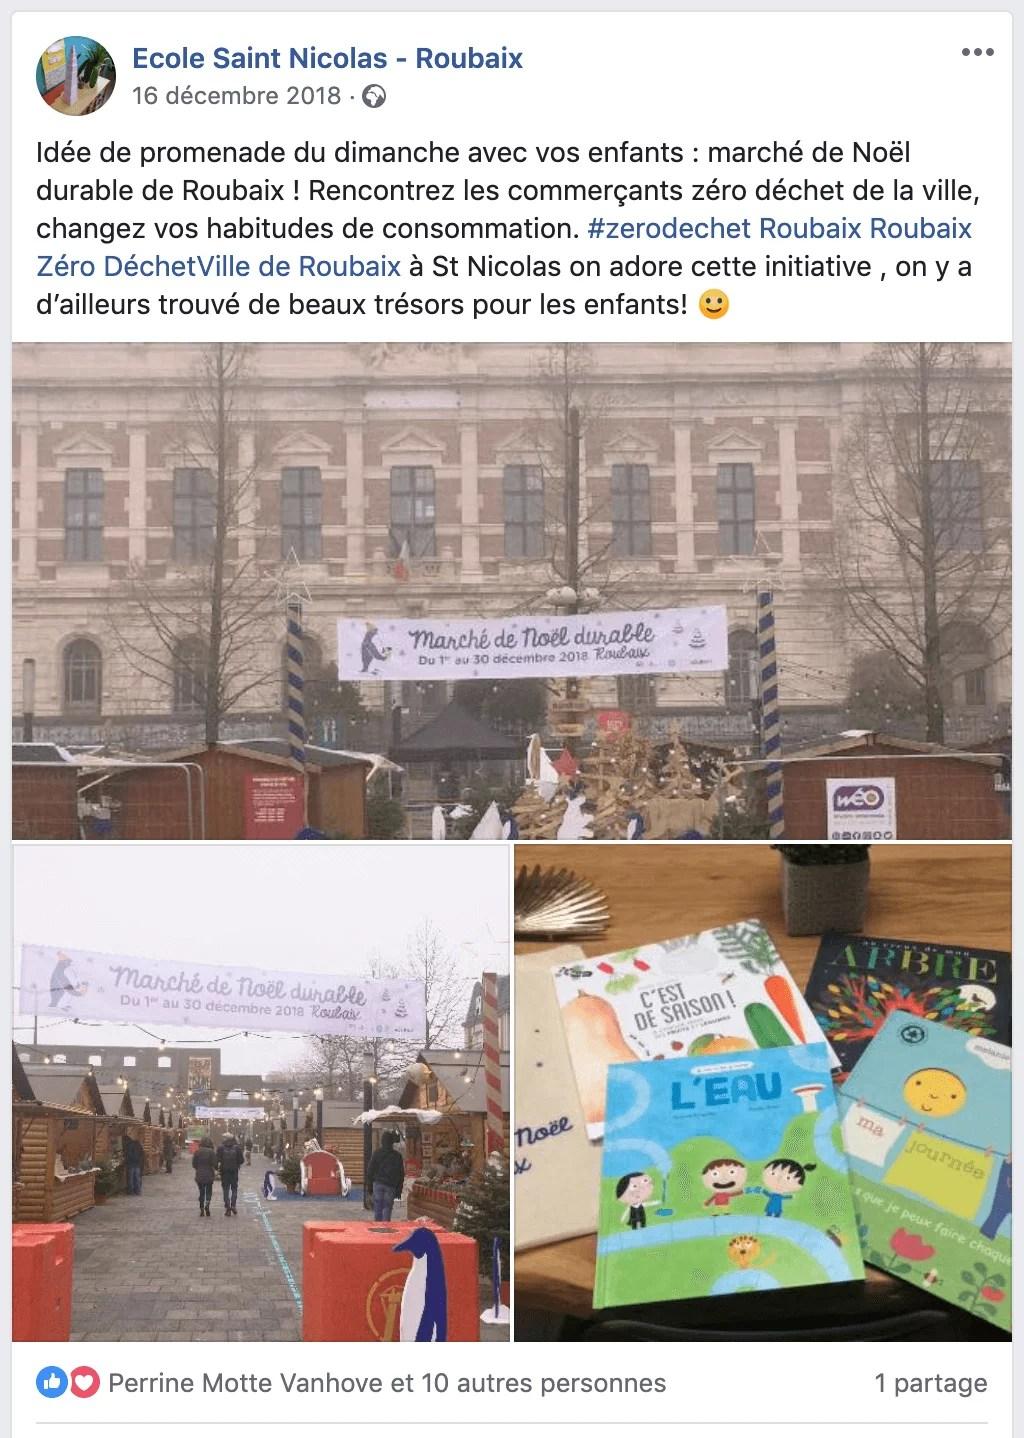 Marché zero dechet ecole saint nicolas roubaix page facebook